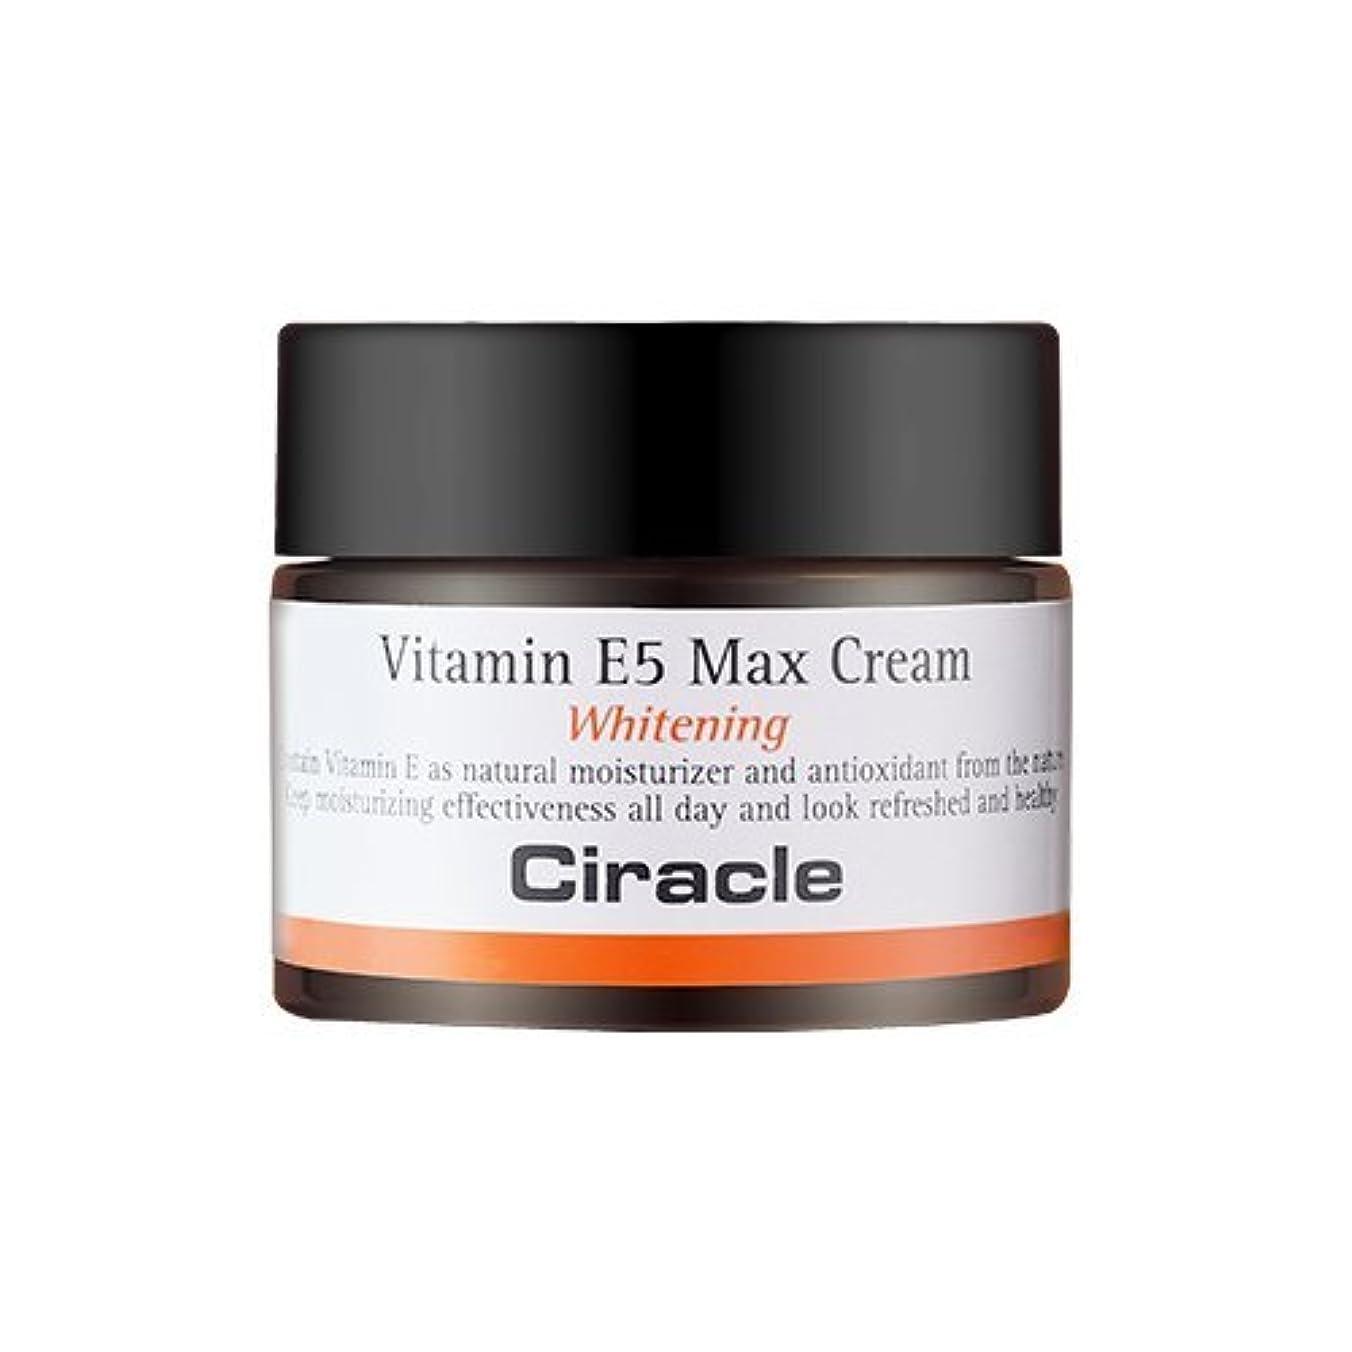 政府劇作家断言するCiracle Vitamin E5 Max Cream シラクル ビタミンE5 マックス クリーム 50ml [並行輸入品]